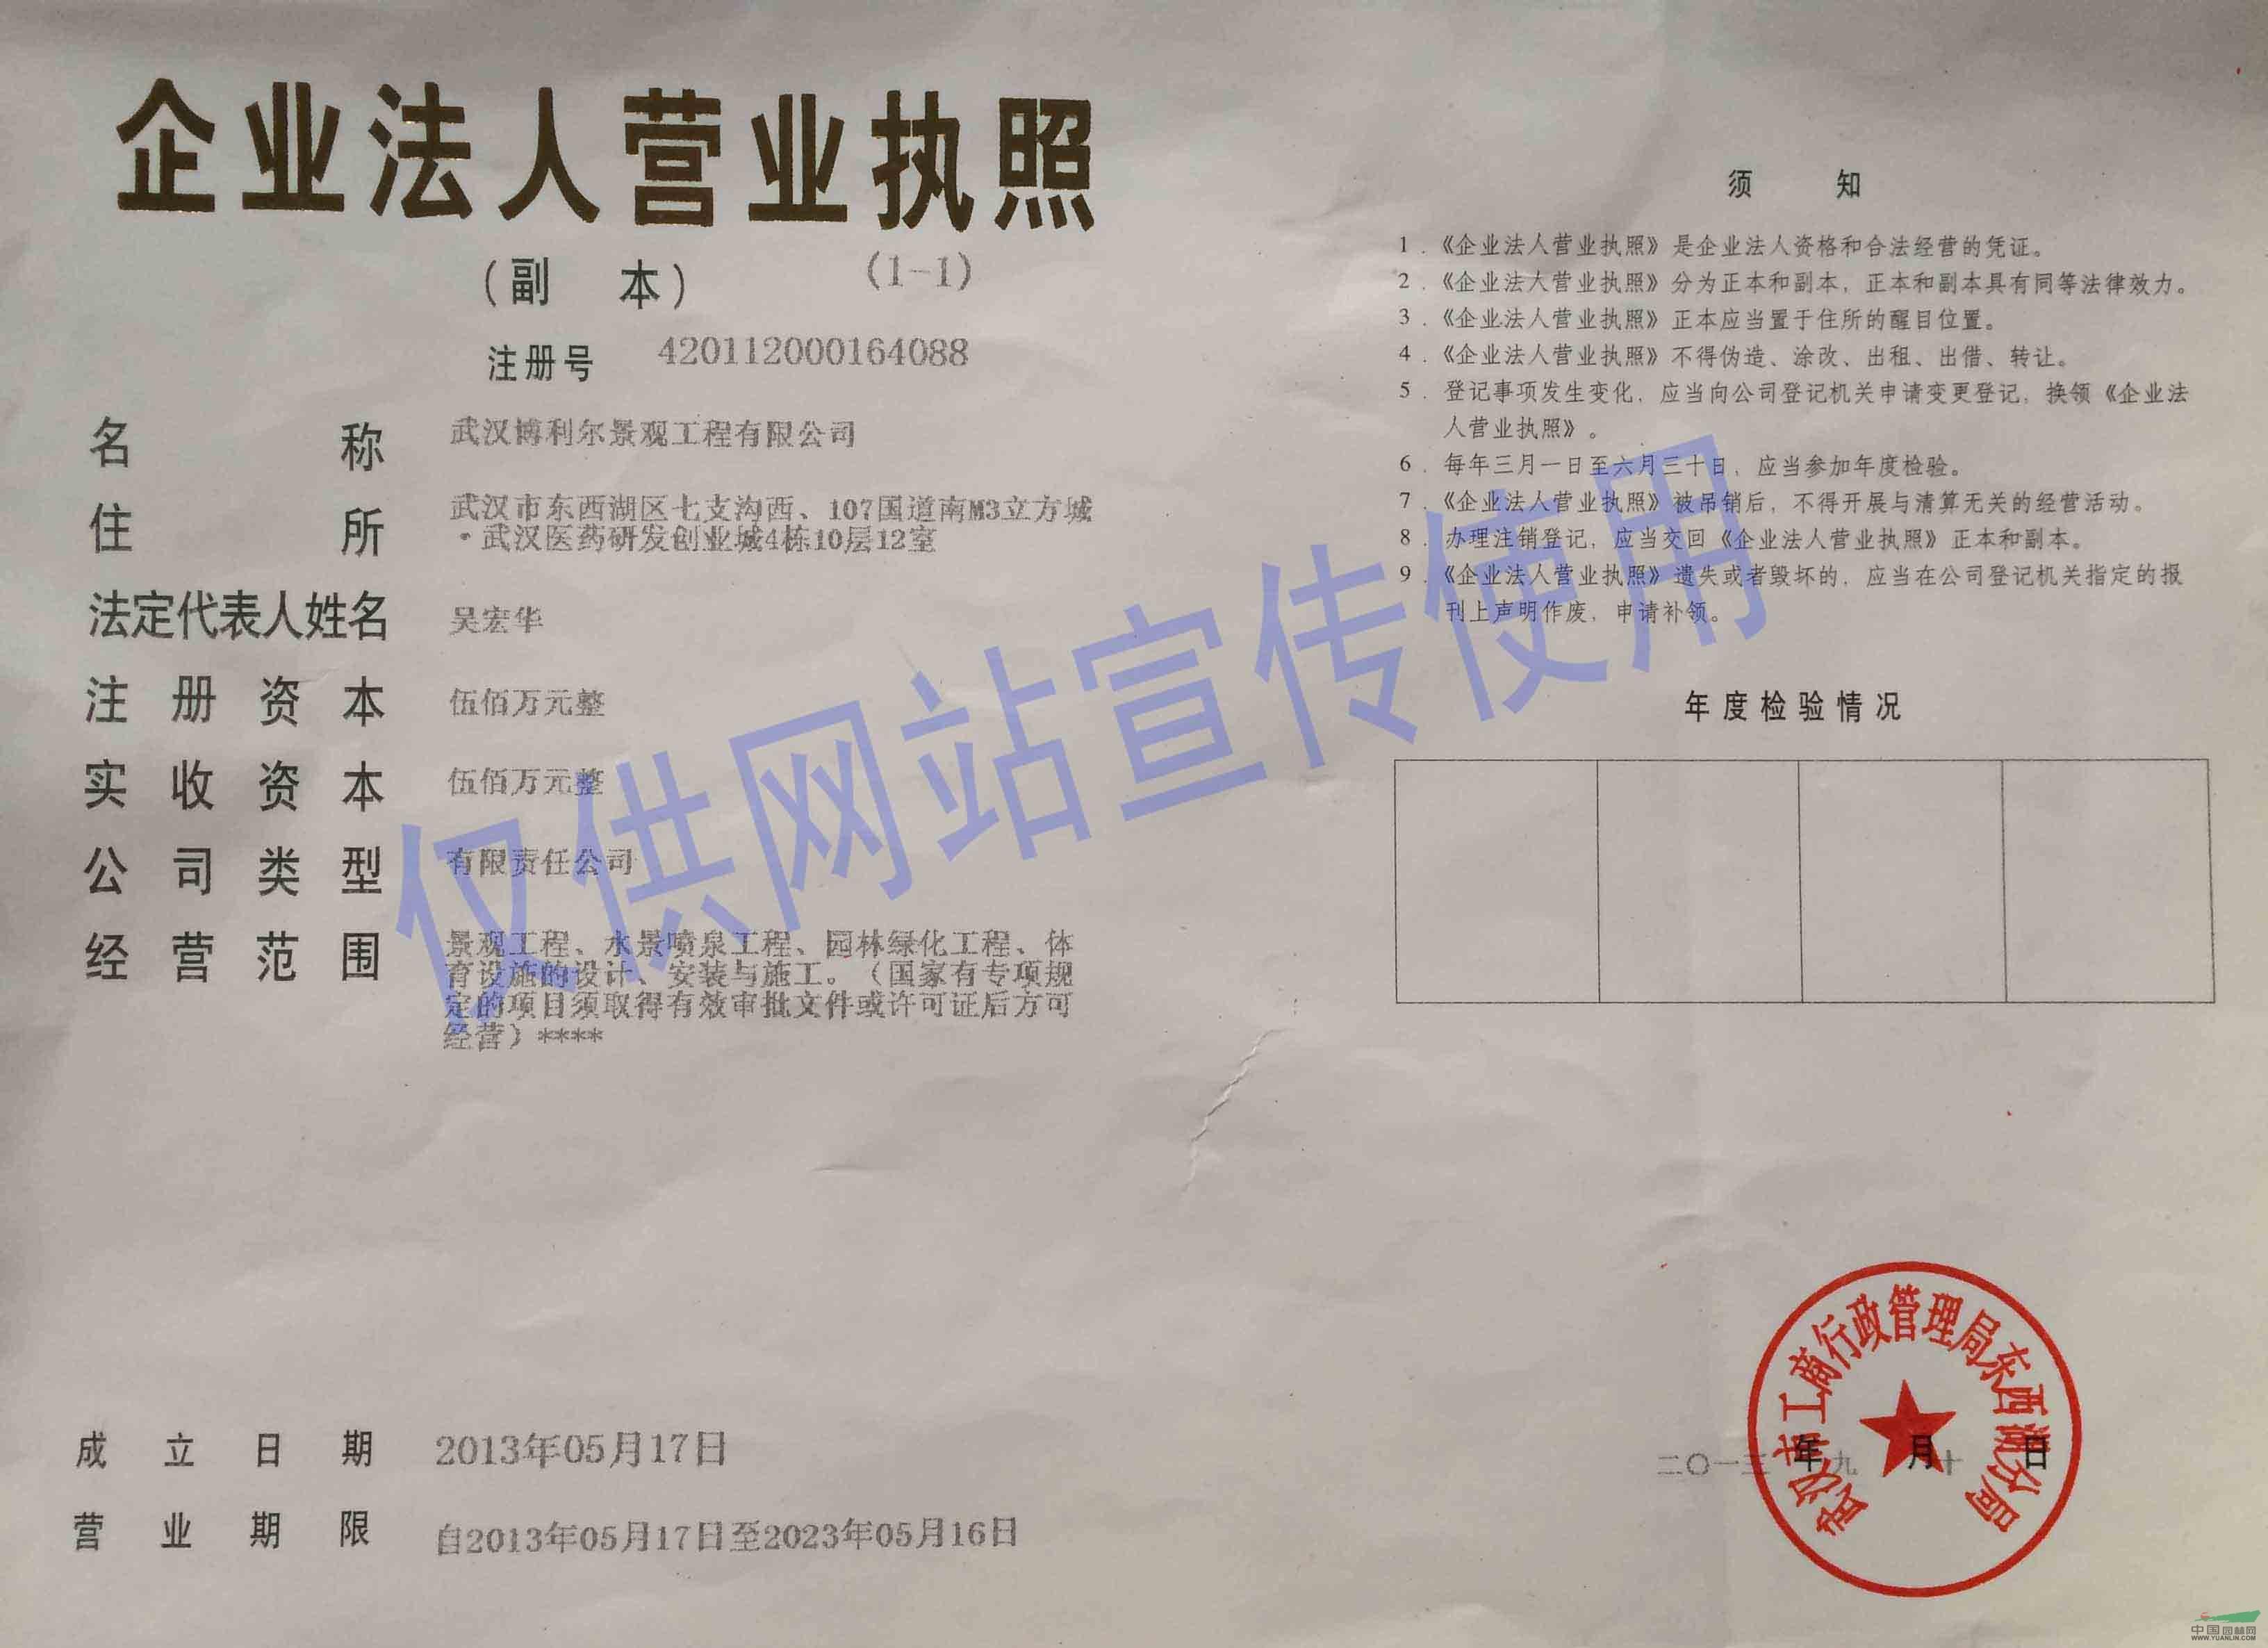 武汉博利尔景观工程有限公司